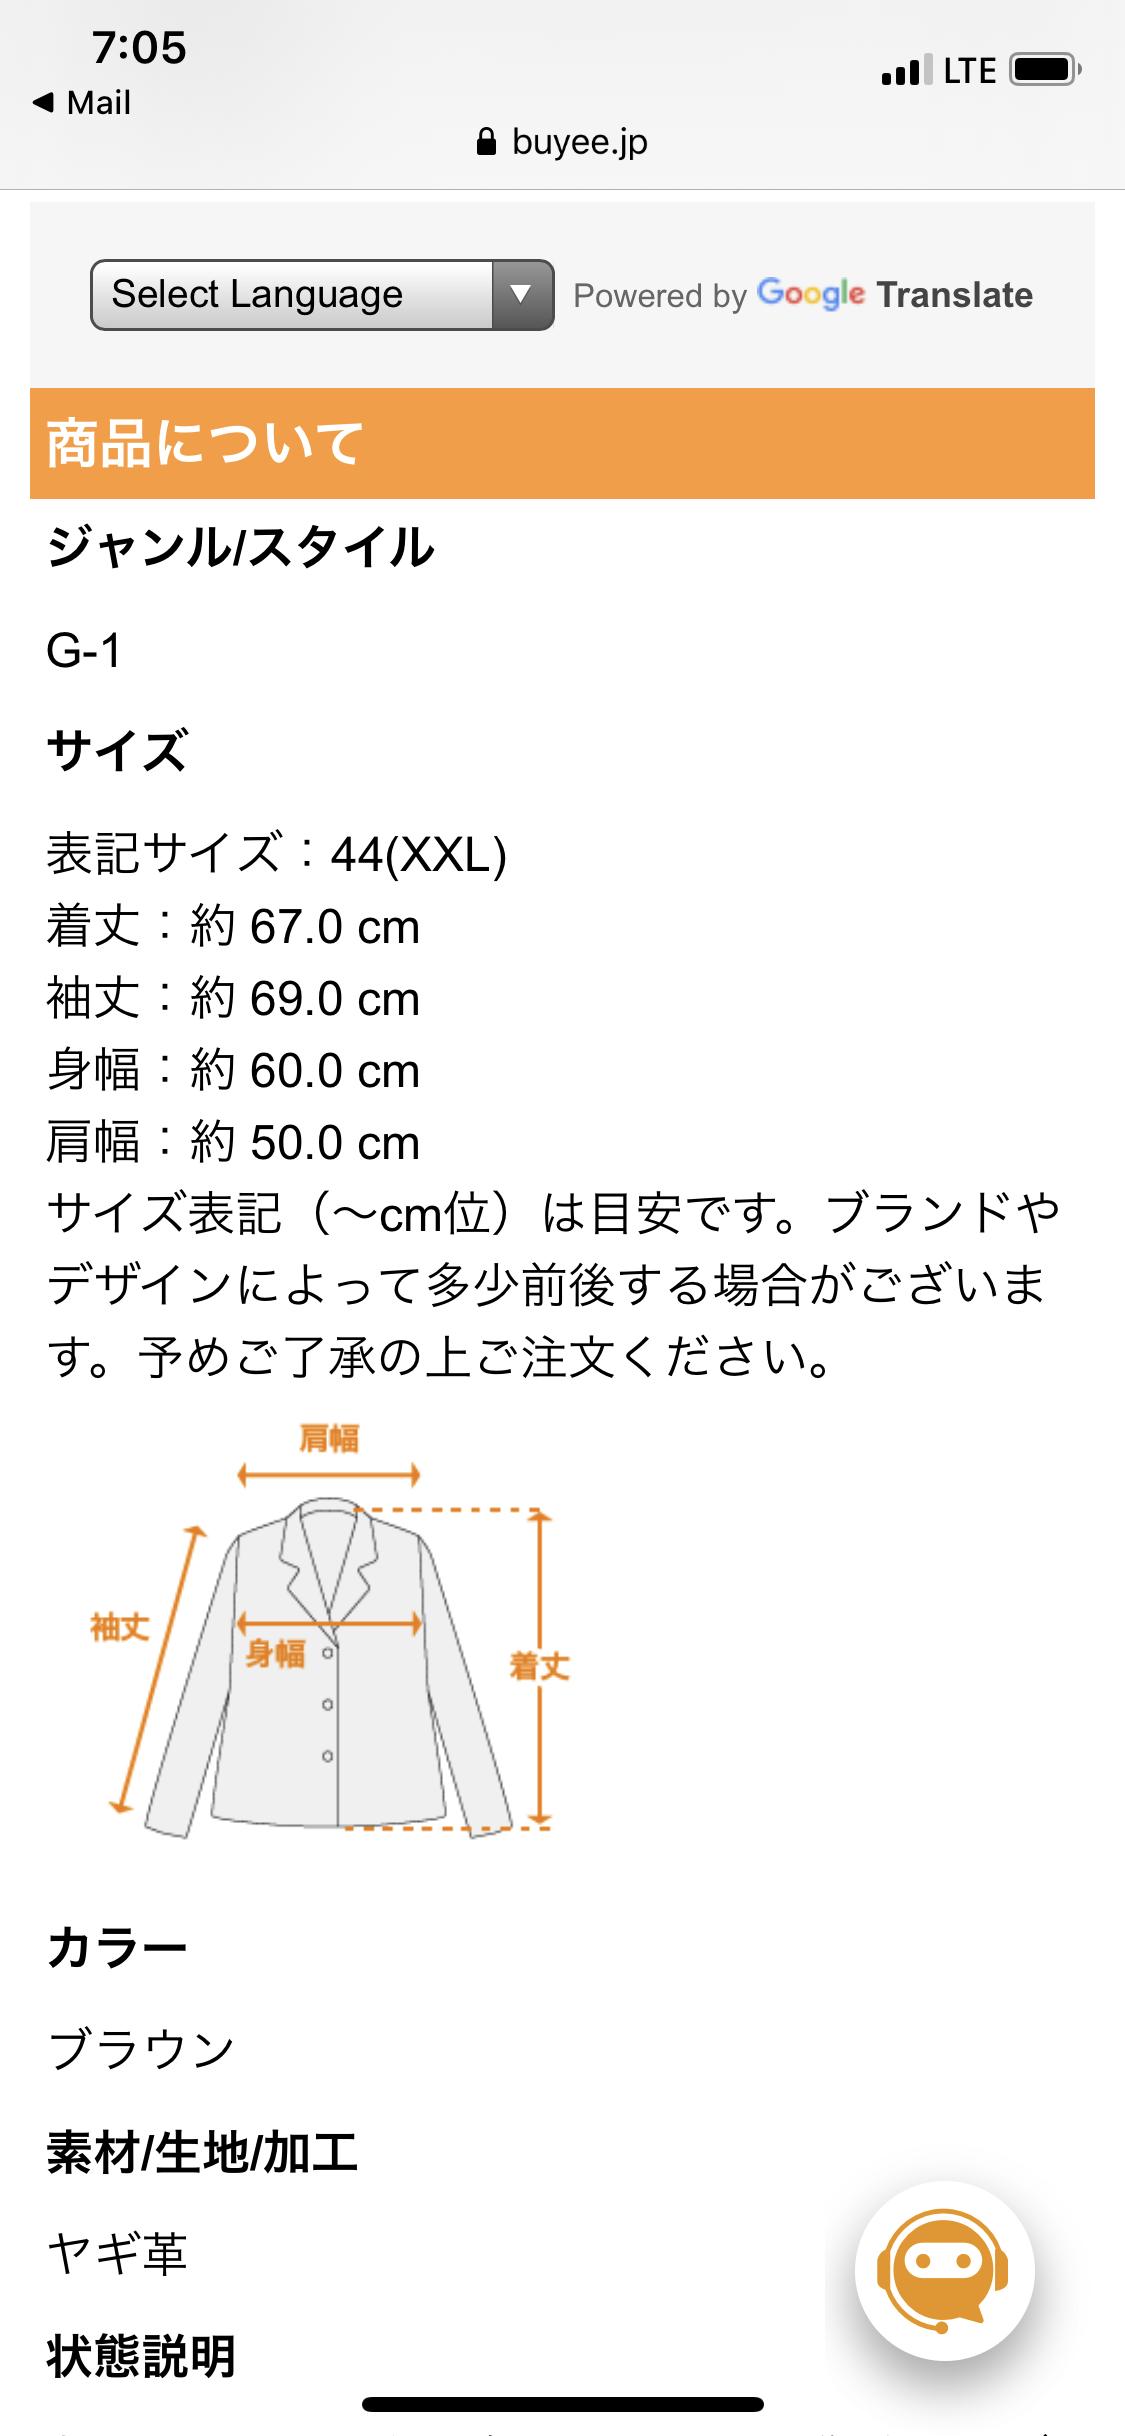 6EE94709-0171-43D0-A0AD-F76E5160E4E7.png